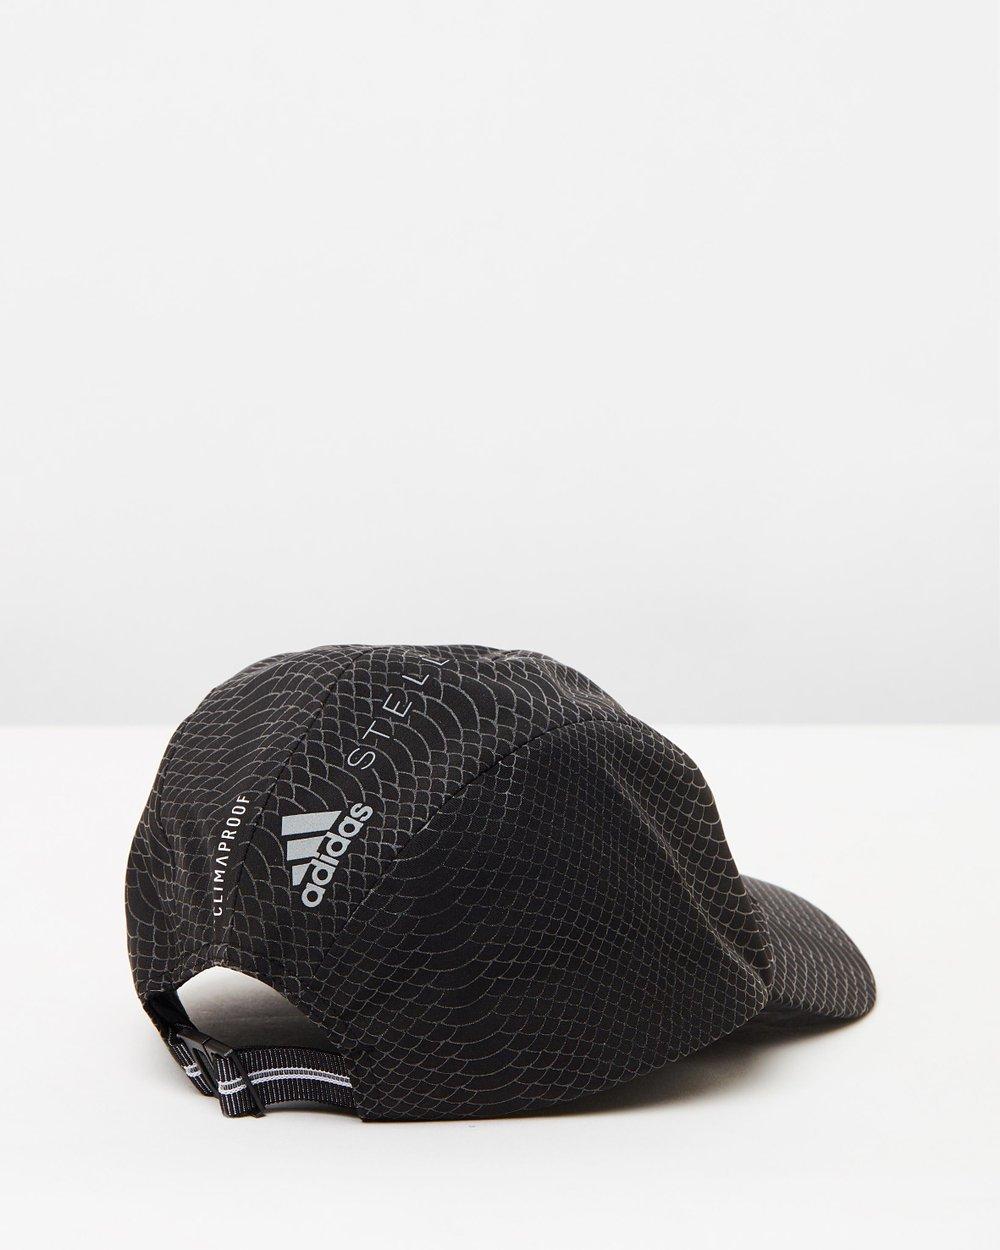 09539e6dc305b Run Cap by adidas by Stella McCartney Online